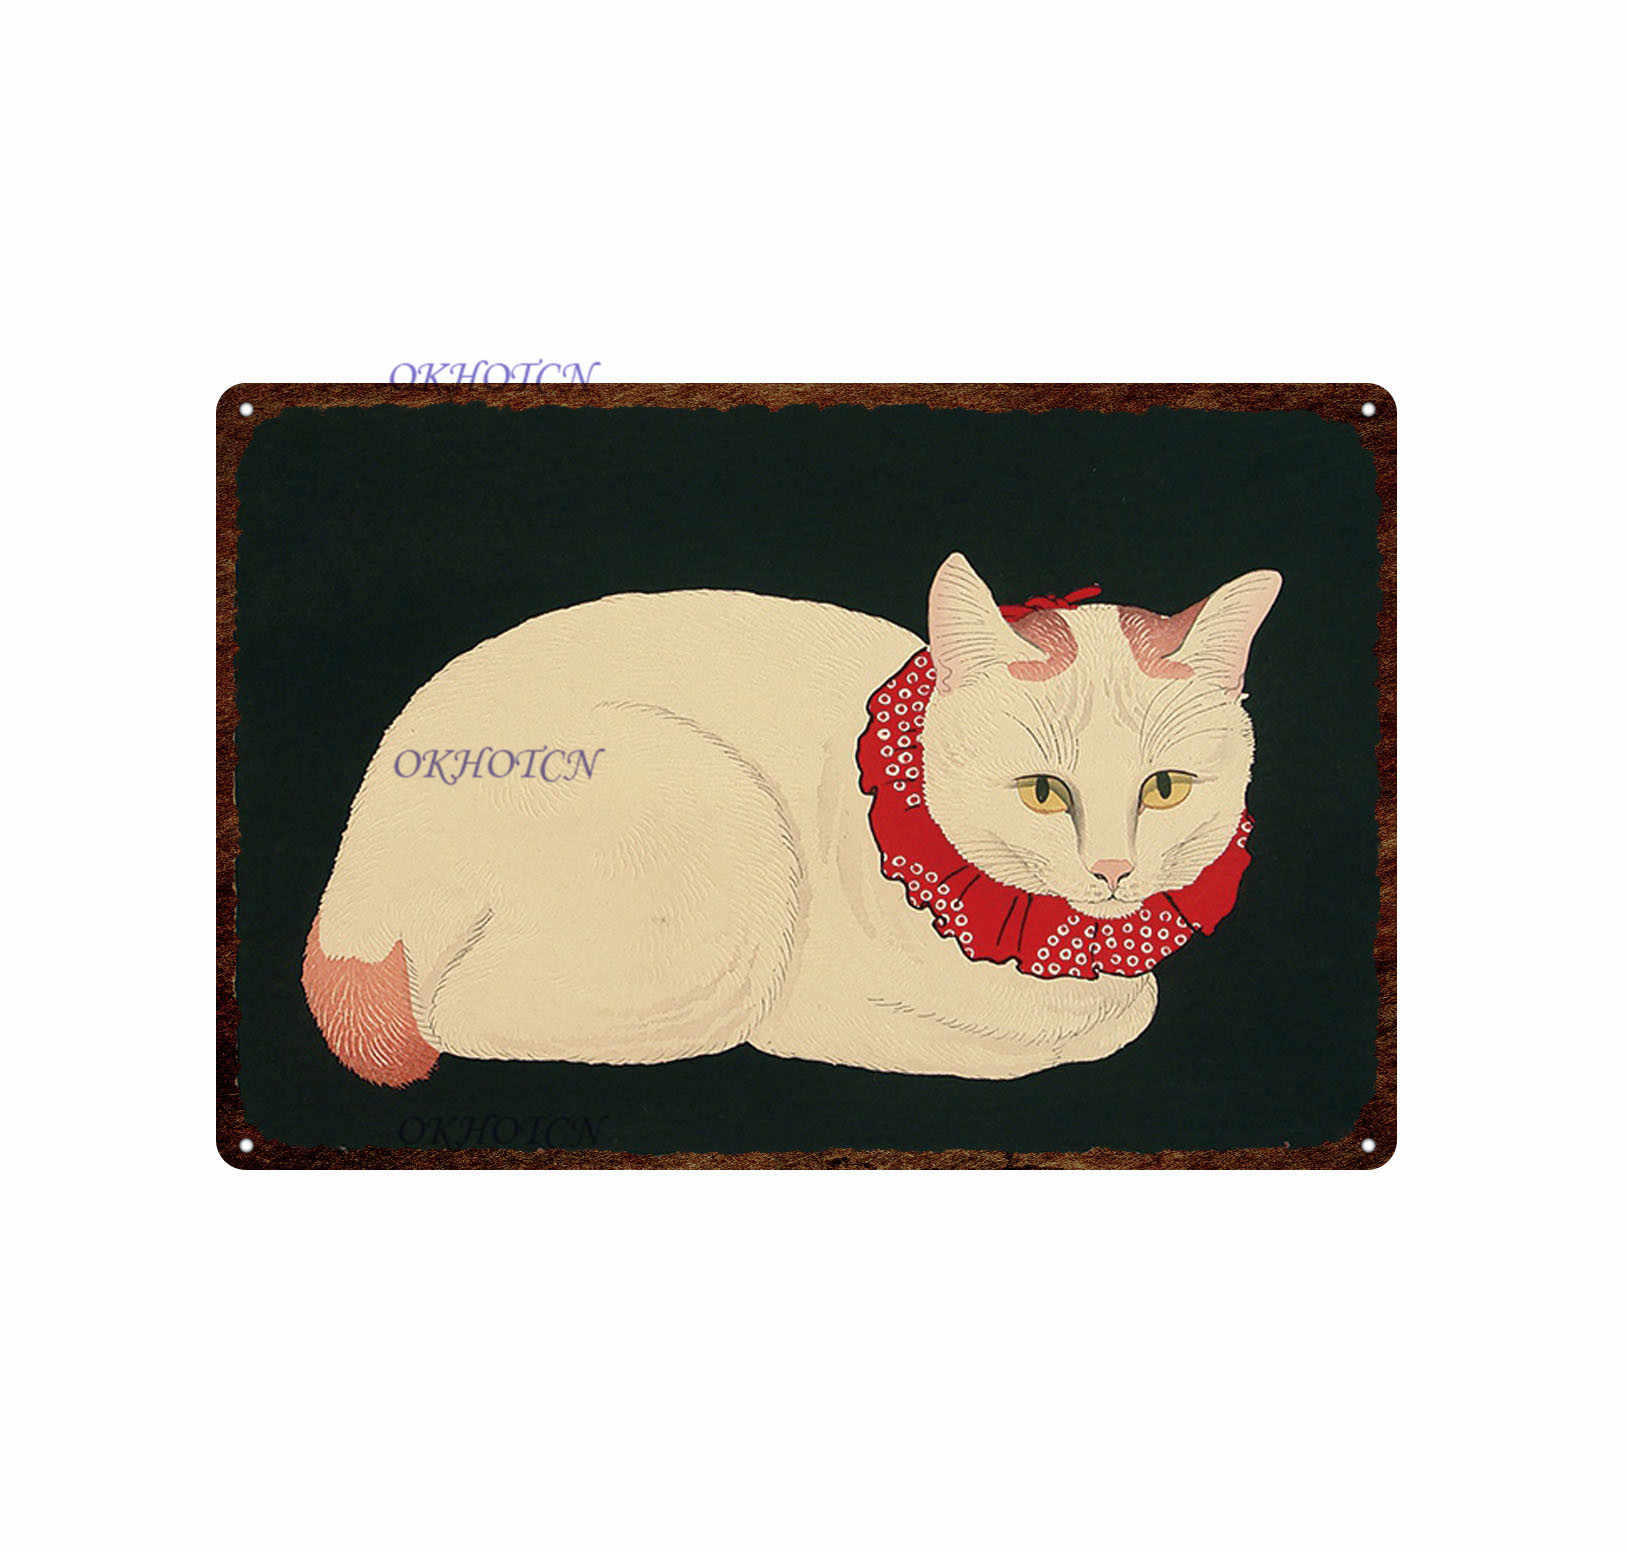 Japon samuray kedi dövme kedi Pet tabela tabela Metal Vintage tabak duvar sanat Retro ev dekor oturma odası için